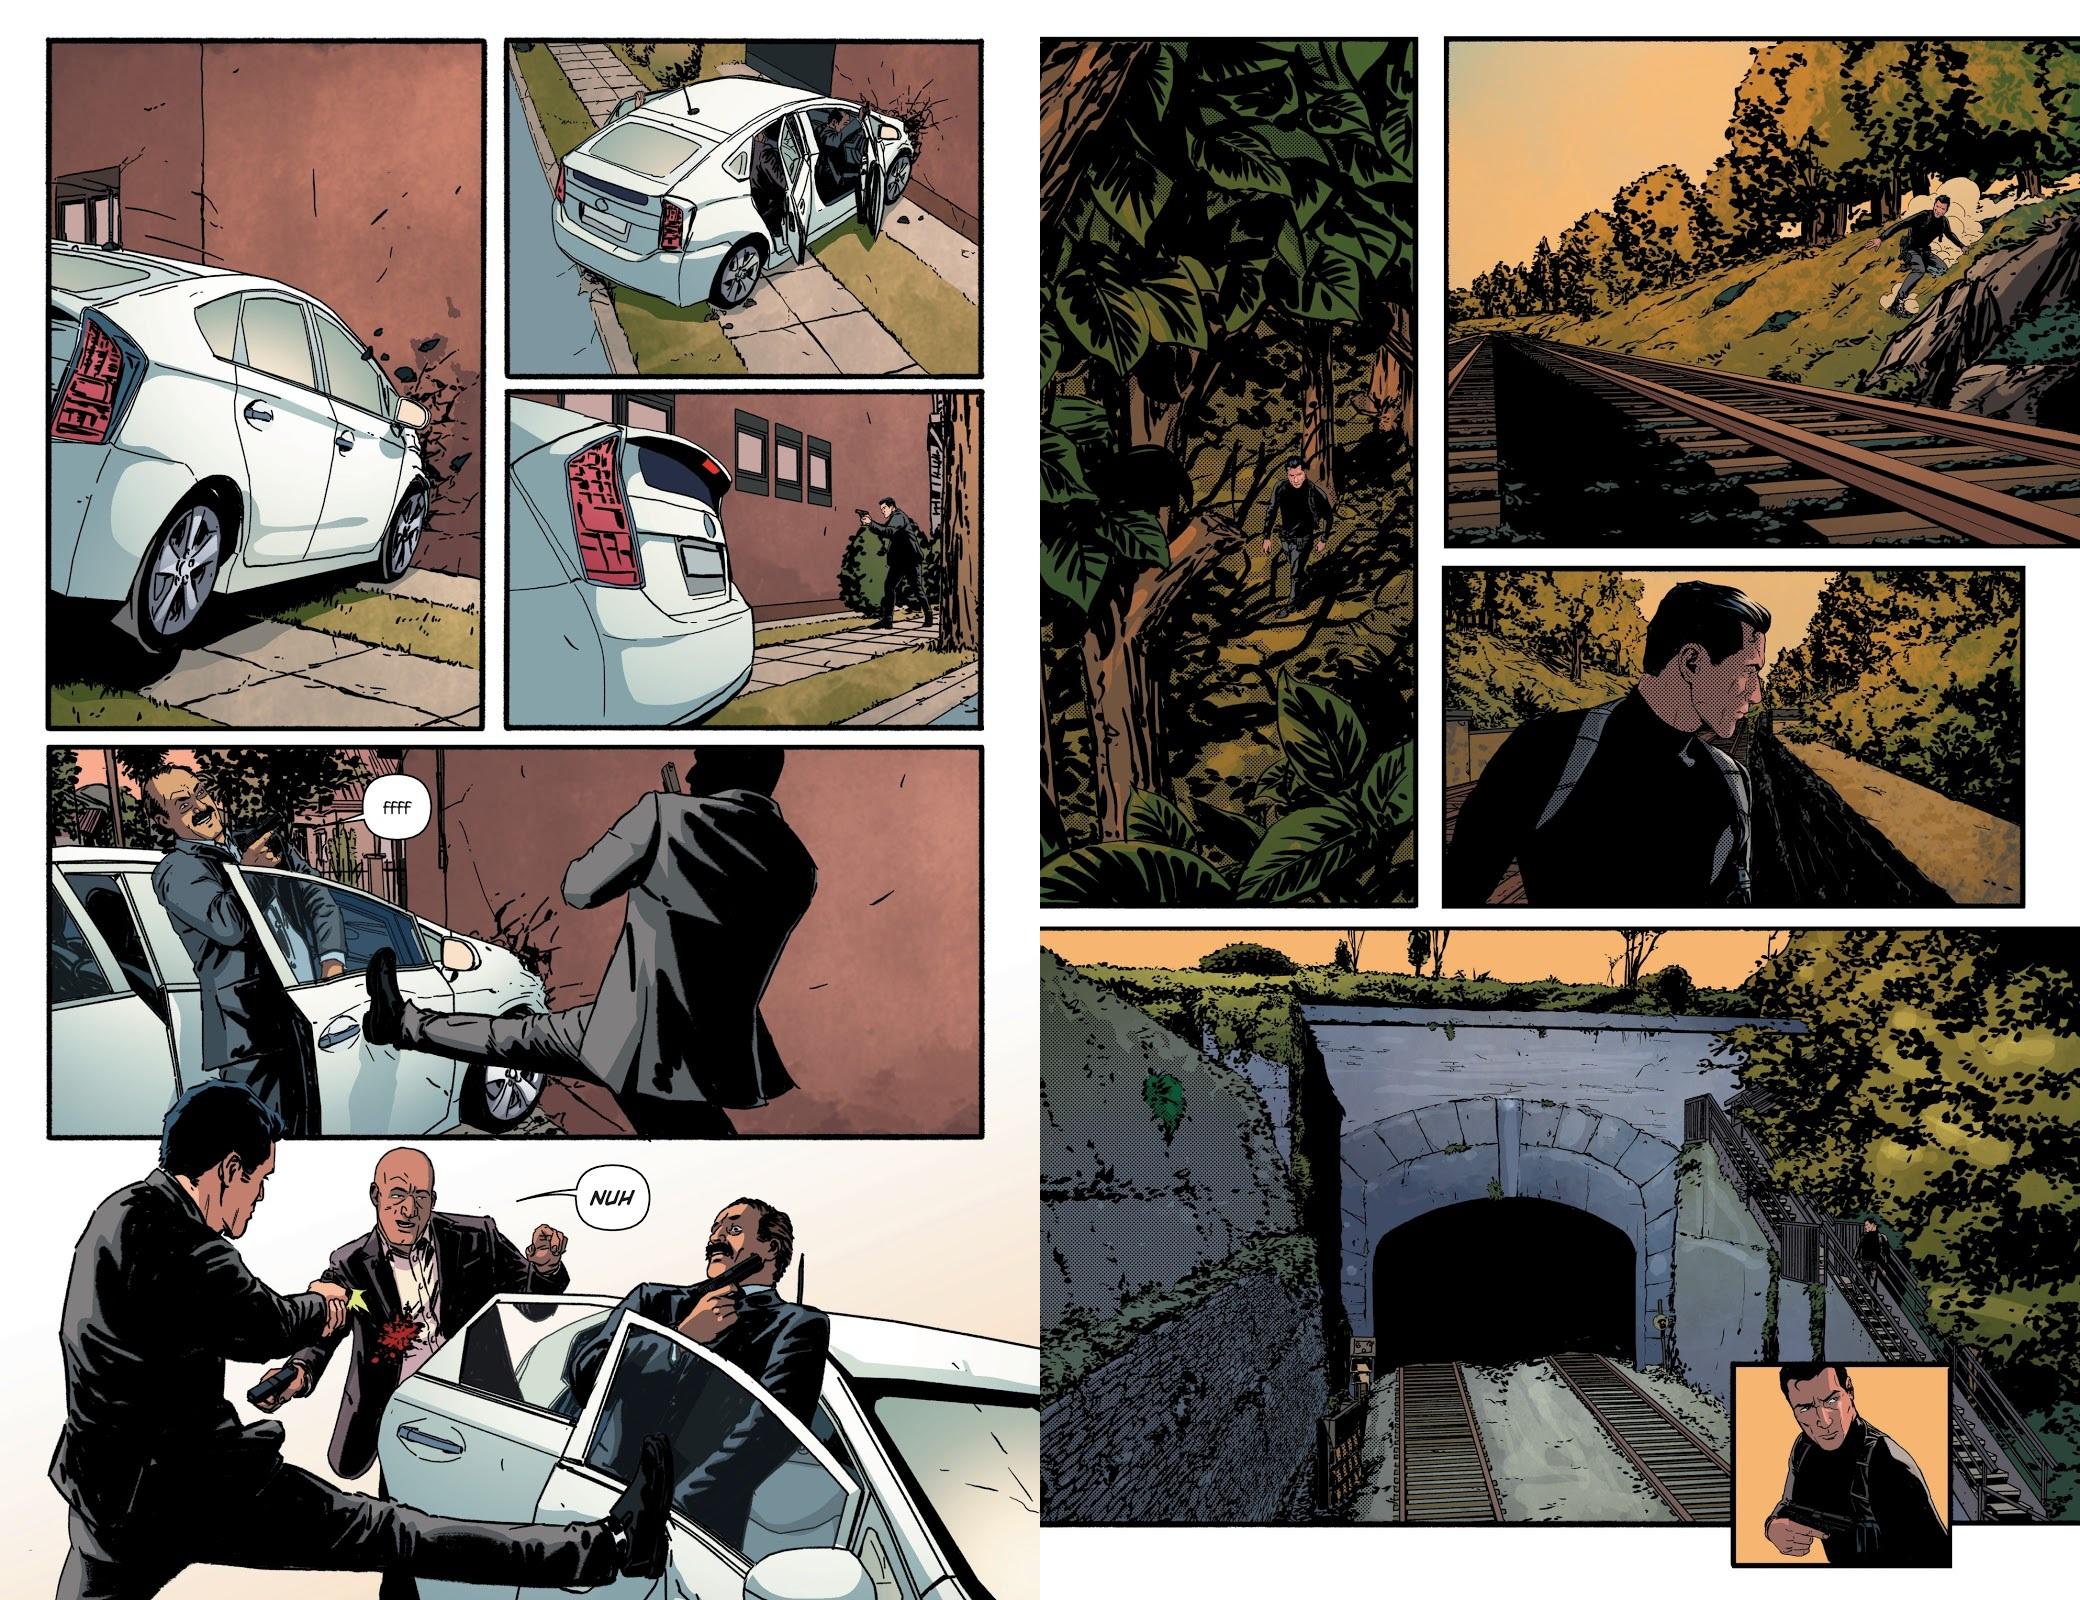 James Bond Eidolon review